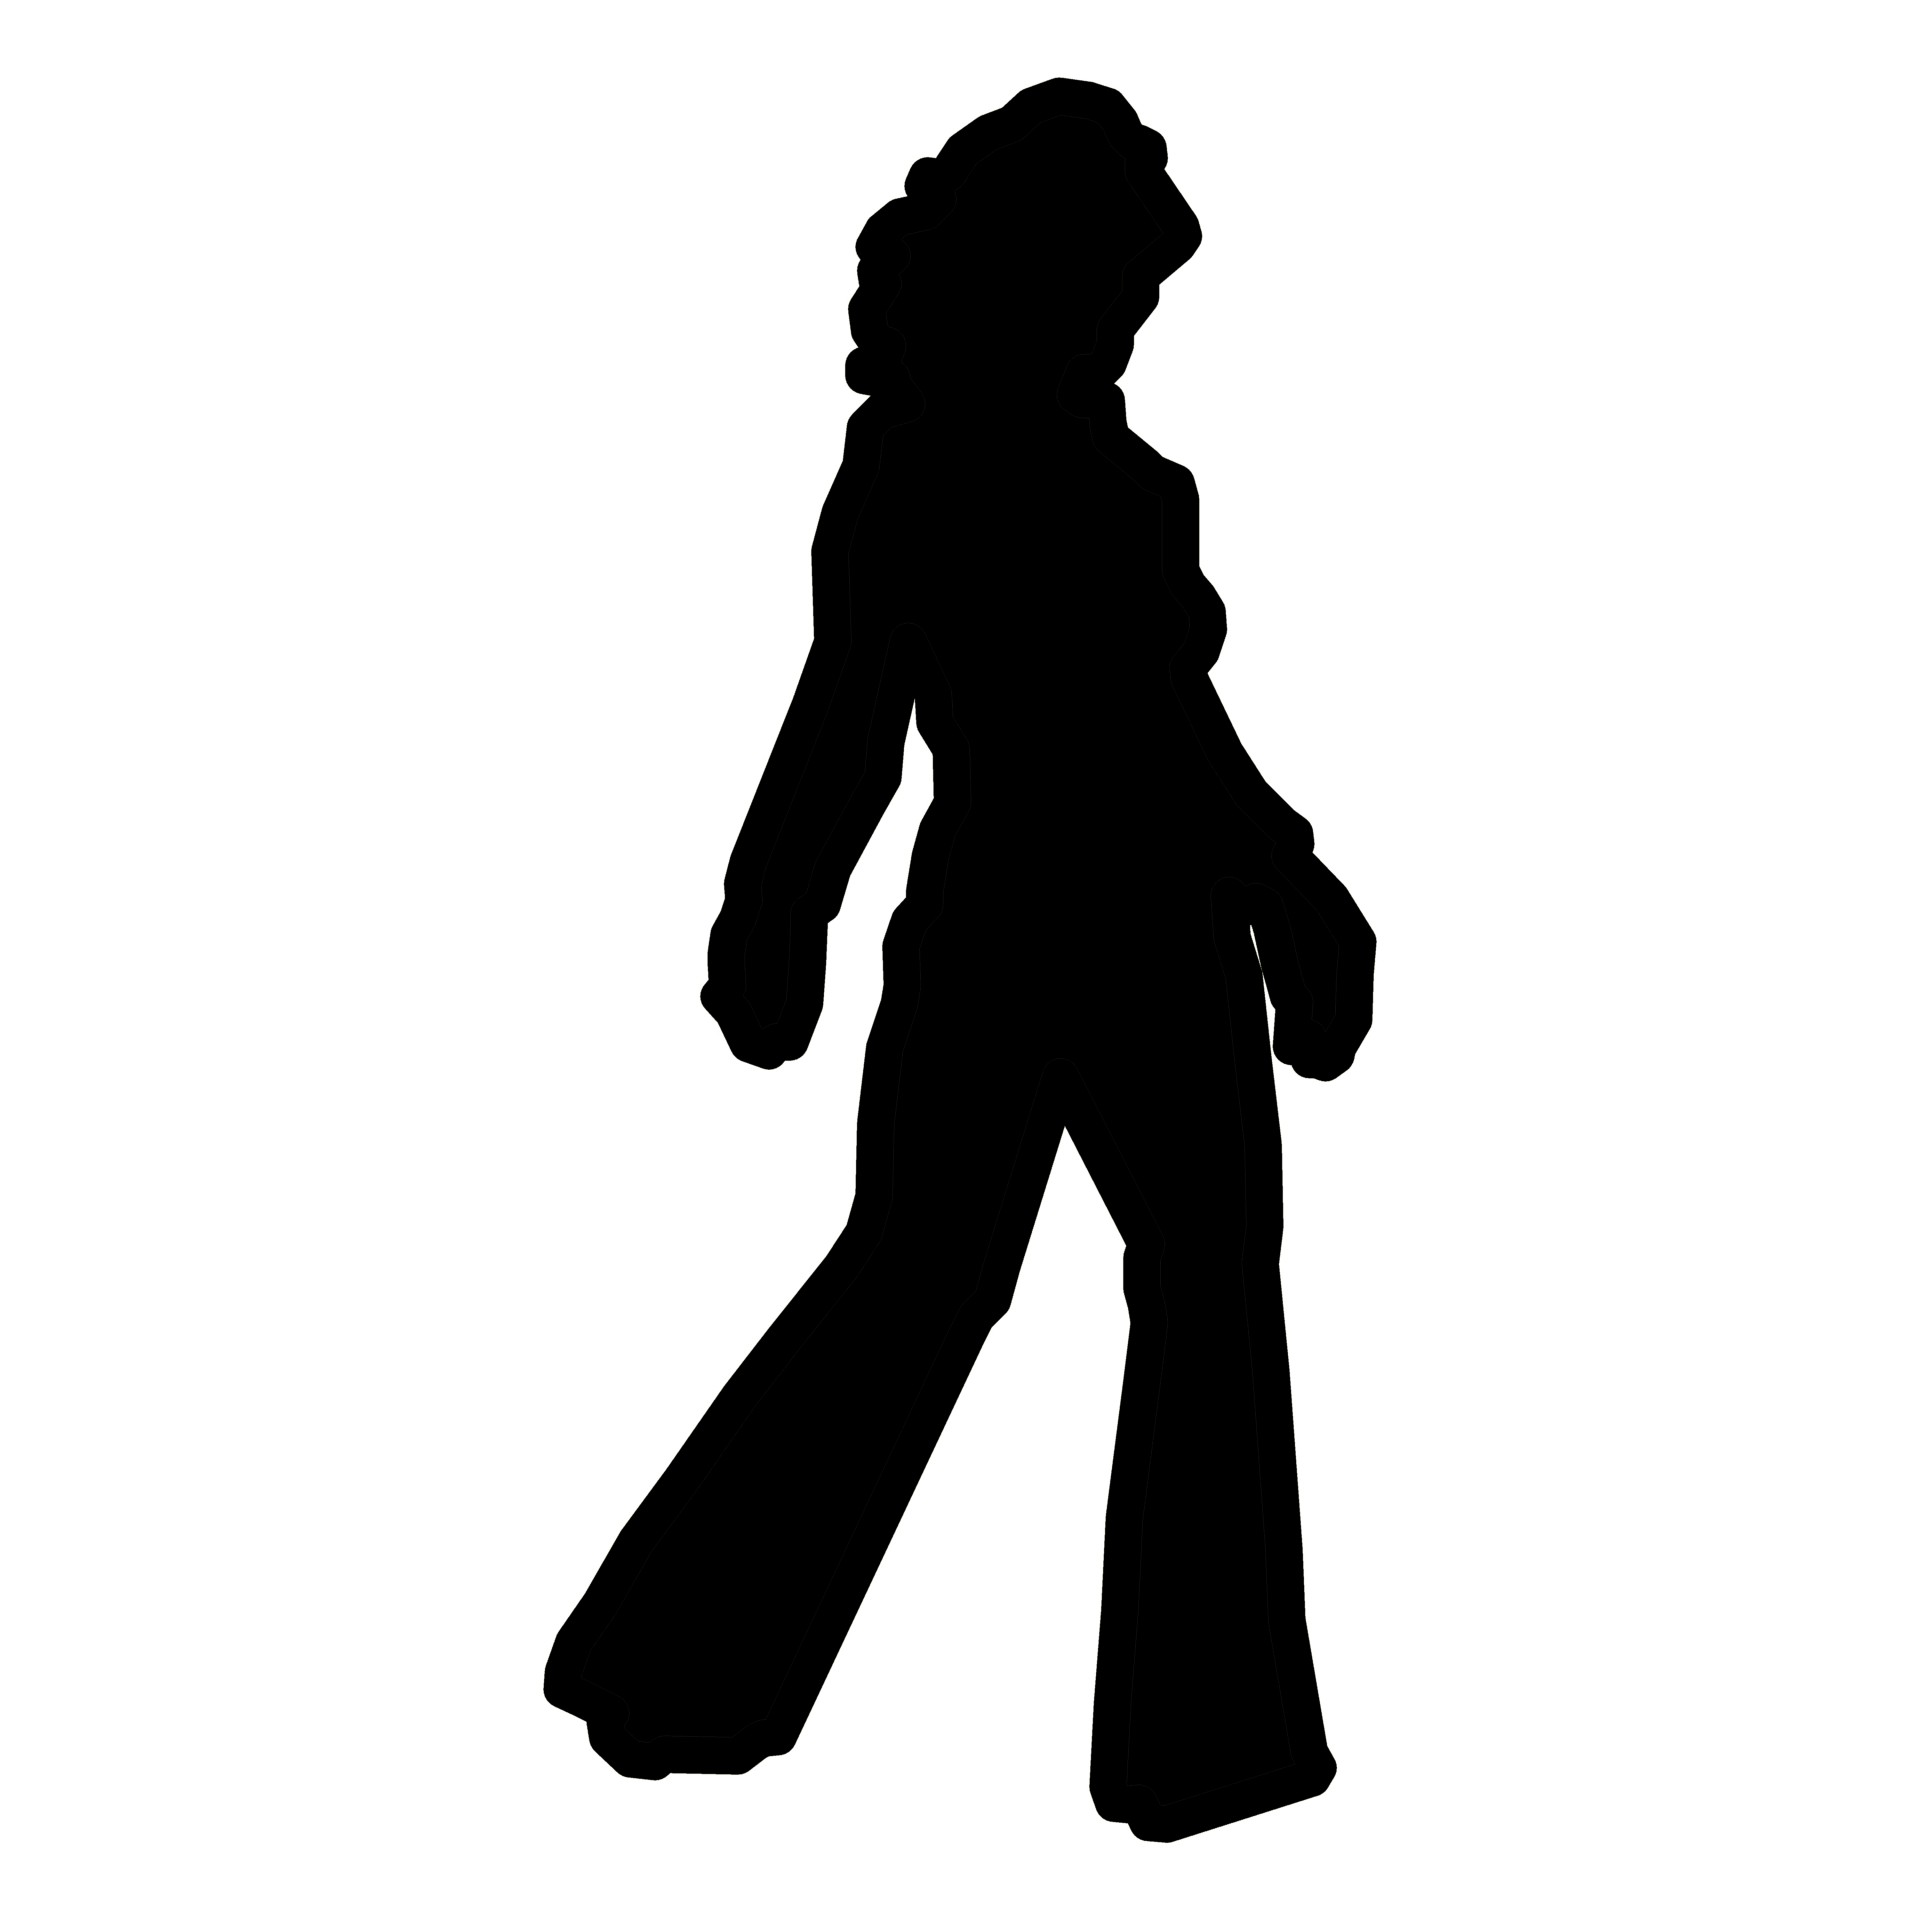 1920x1920 Woman Silhouette Ii Free Stock Photo